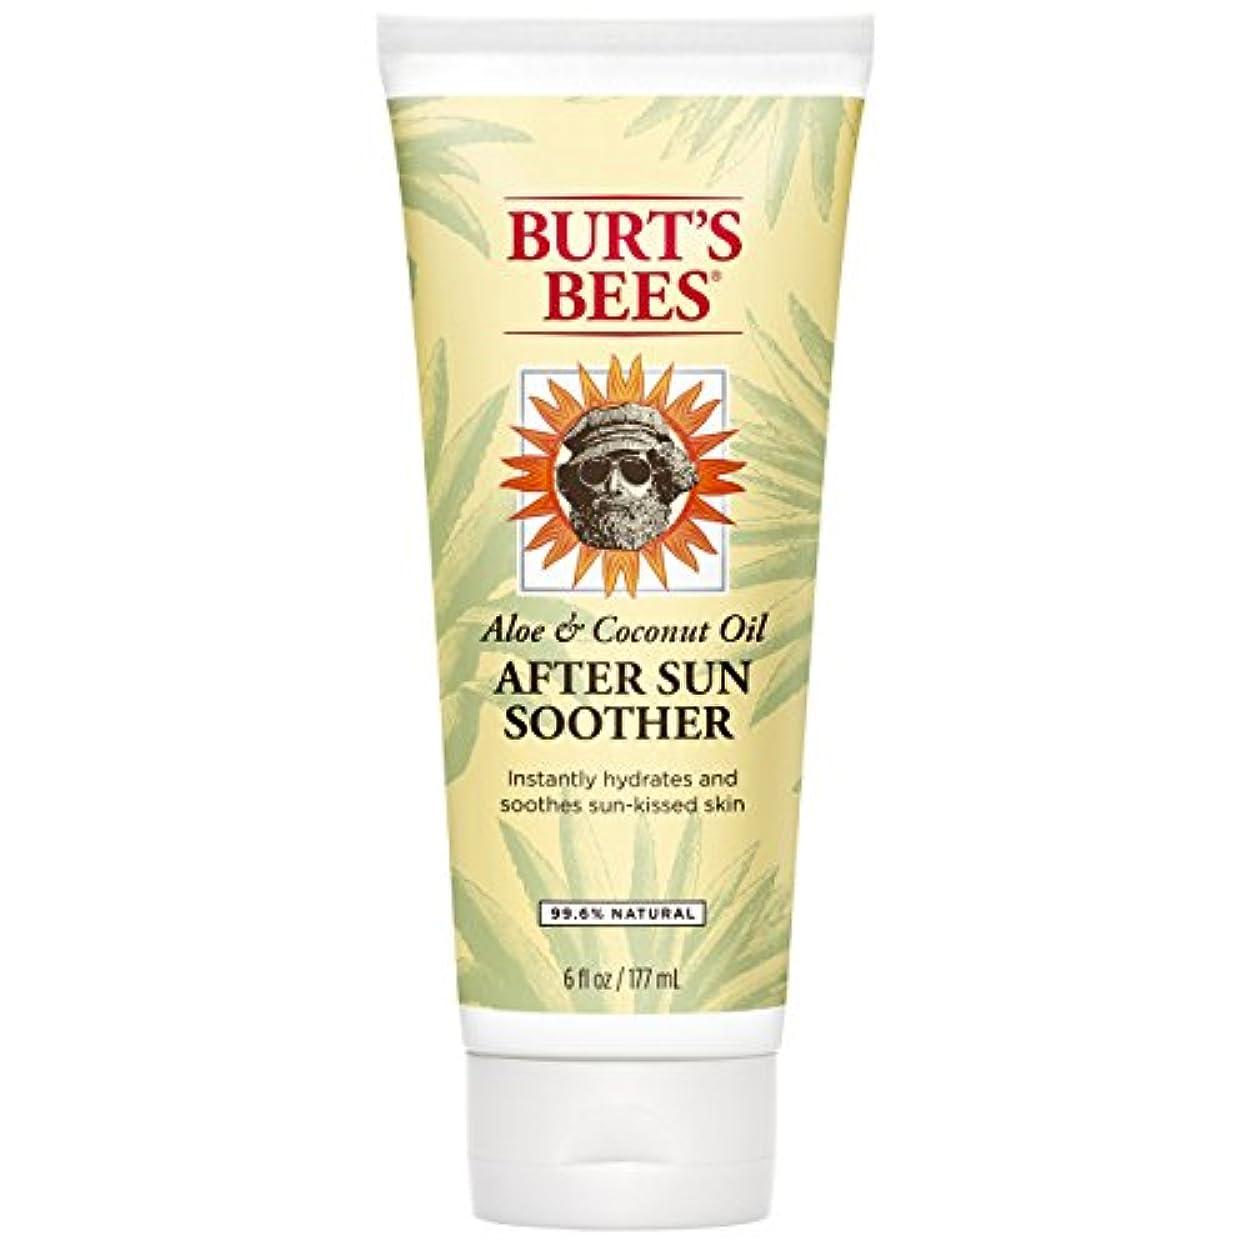 コマンドライラック好色なバーツビーズ 日焼け後の肌に潤いを After Sun Soother177ml**並行輸入